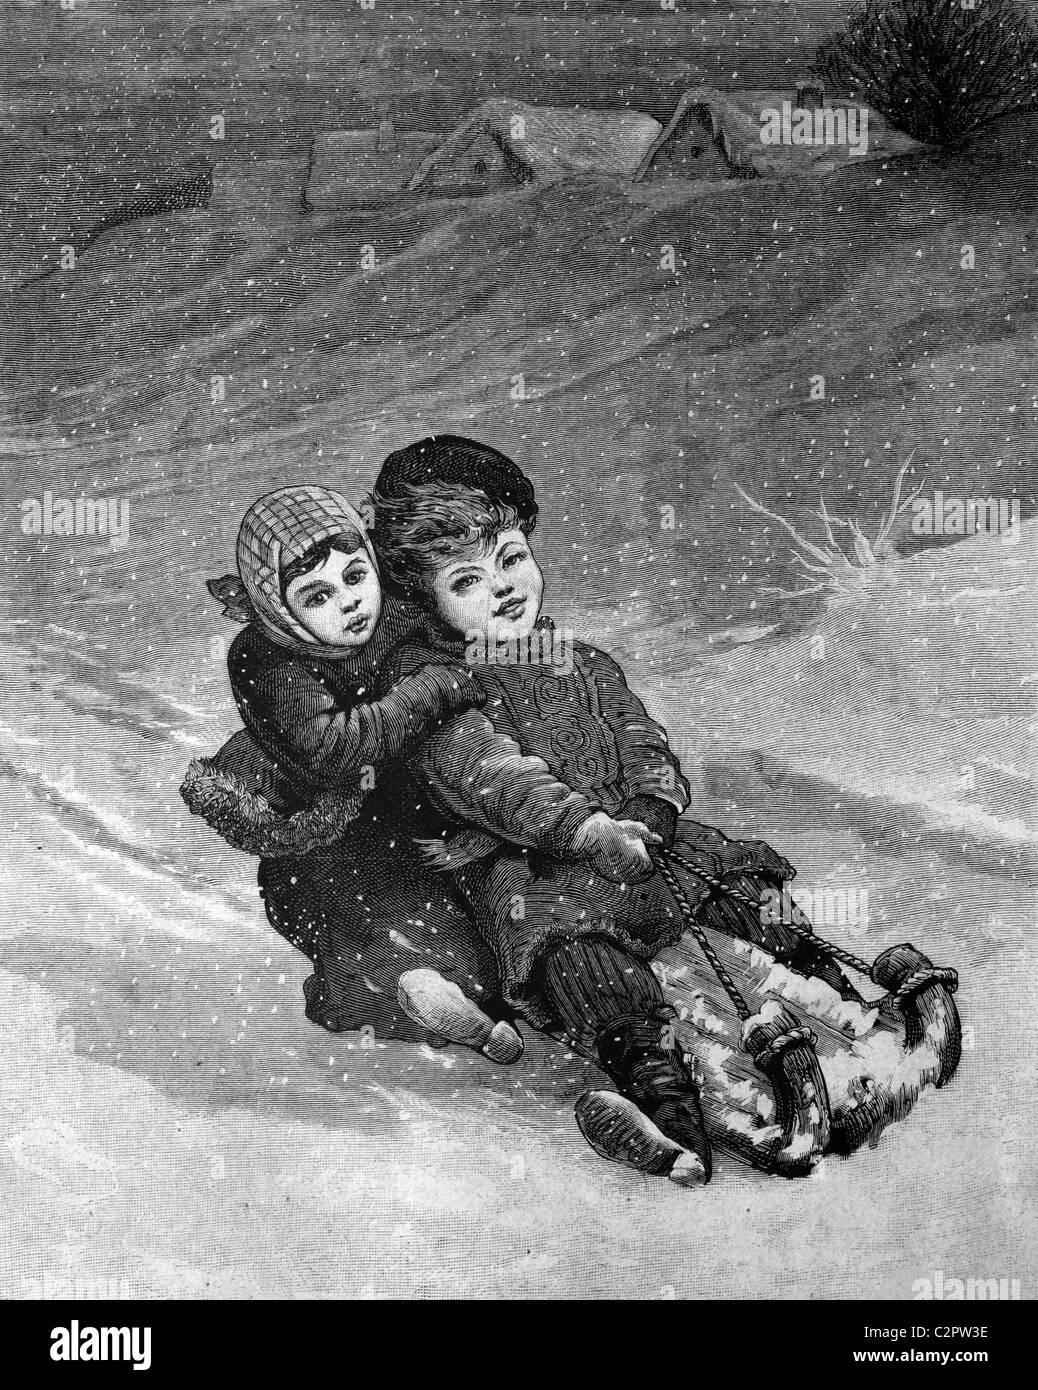 Los niños tobogganing, ilustración histórica, alrededor de 1886 Imagen De Stock